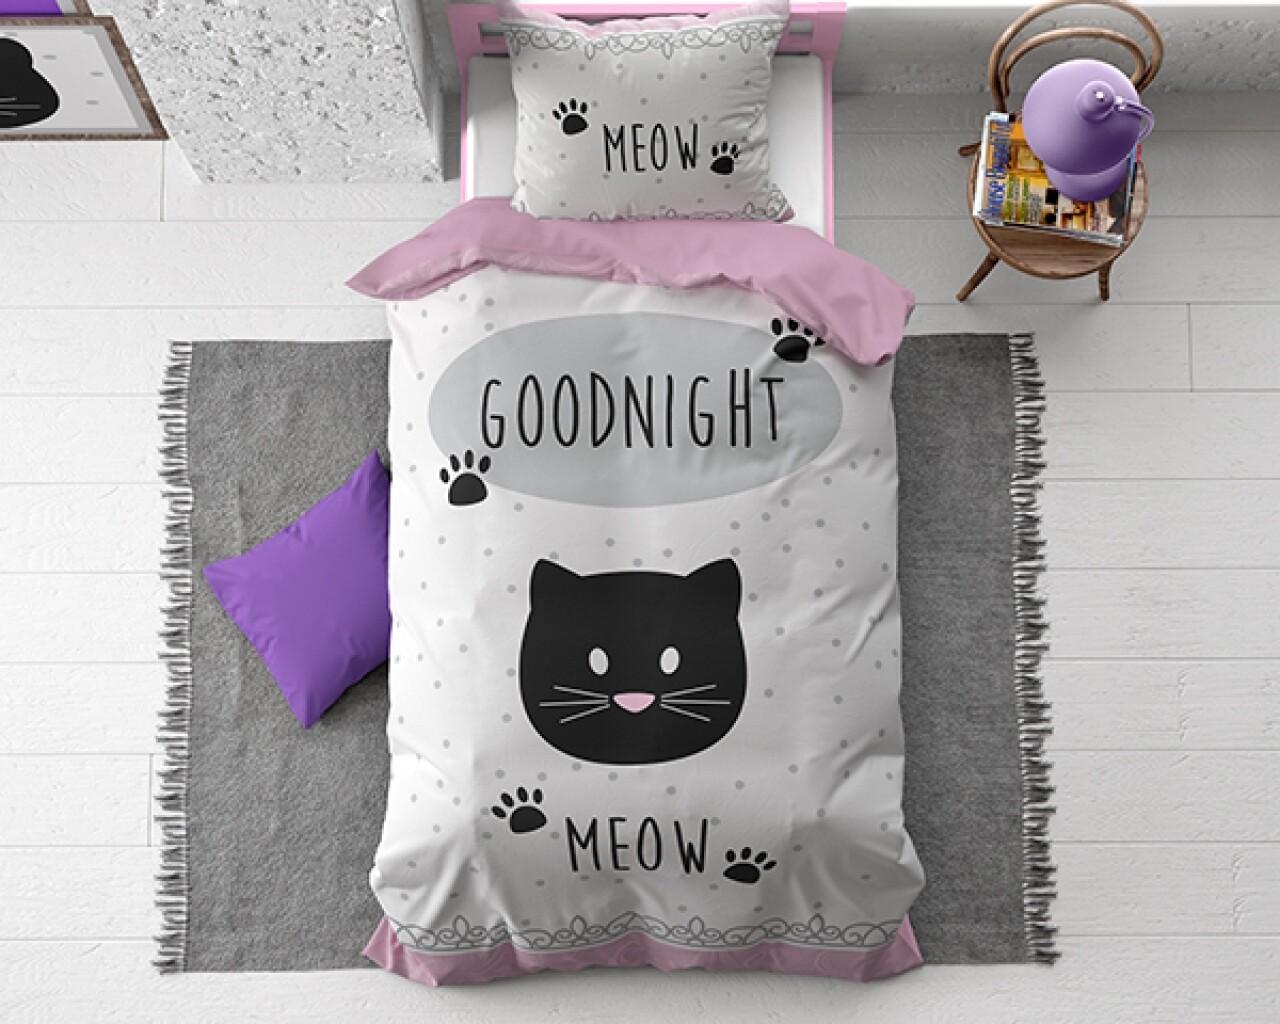 Lenjerie de pat pentru o persoana, Goodnight Kitty Pink, Royal Textile, 100% bumbac